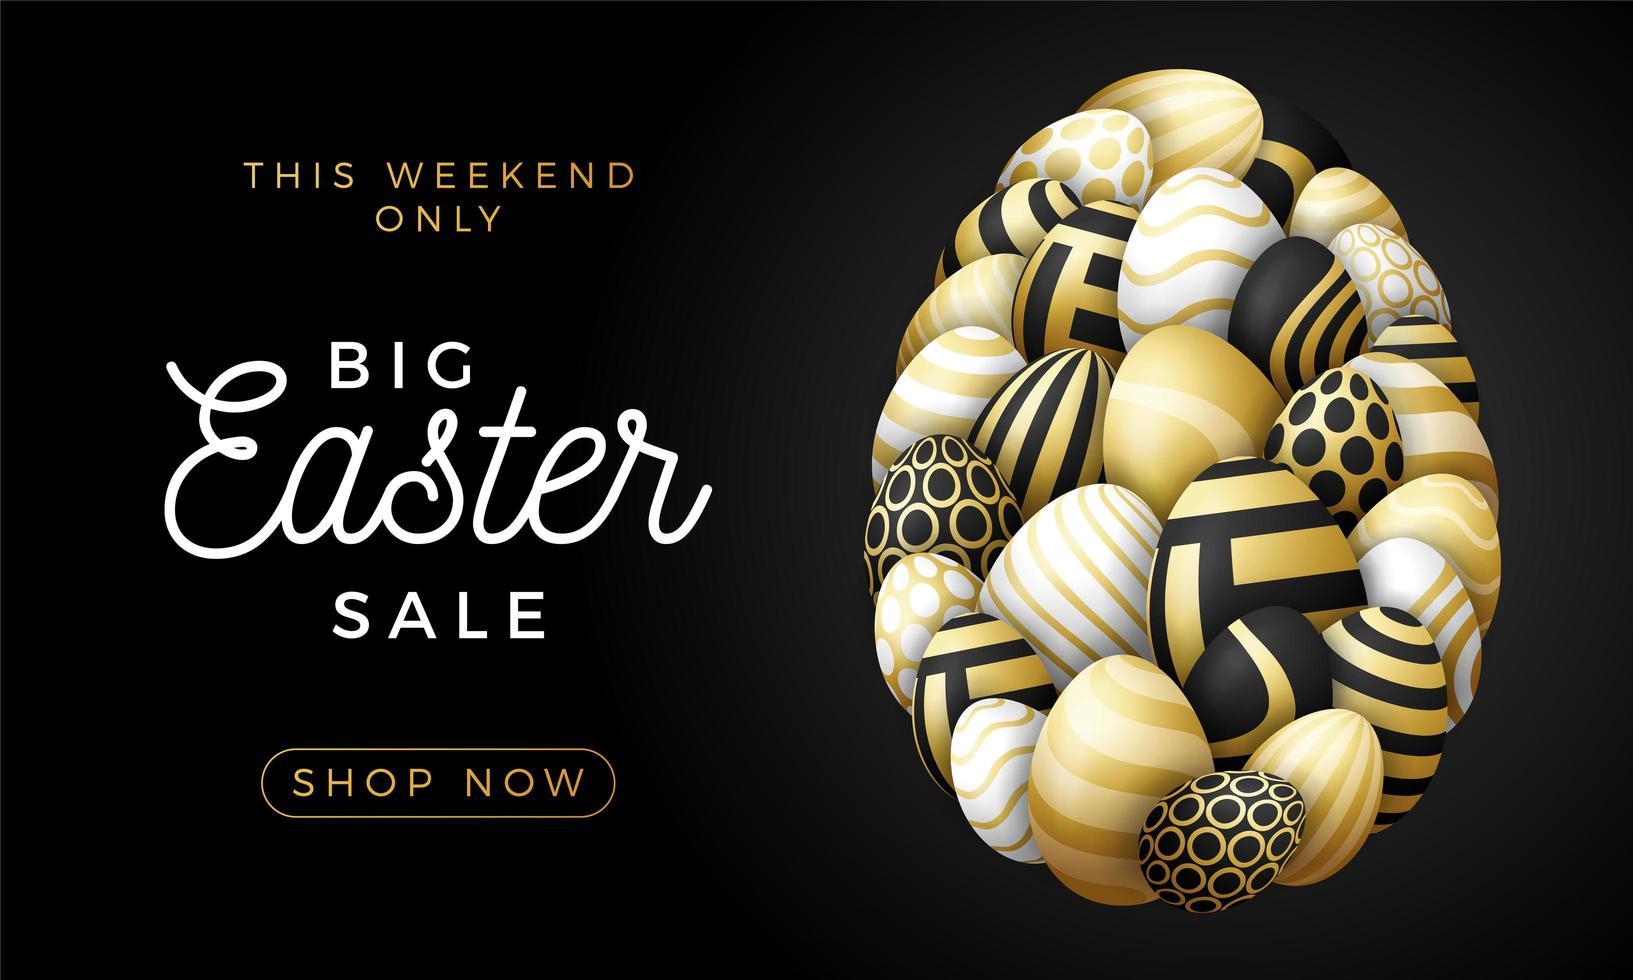 carte de joyeuses Pâques de luxe avec des oeufs. de nombreux beaux œufs réalistes dorés sont disposés sous la forme d'un gros œuf. illustration vectorielle pour Pâques sur fond noir. vecteur